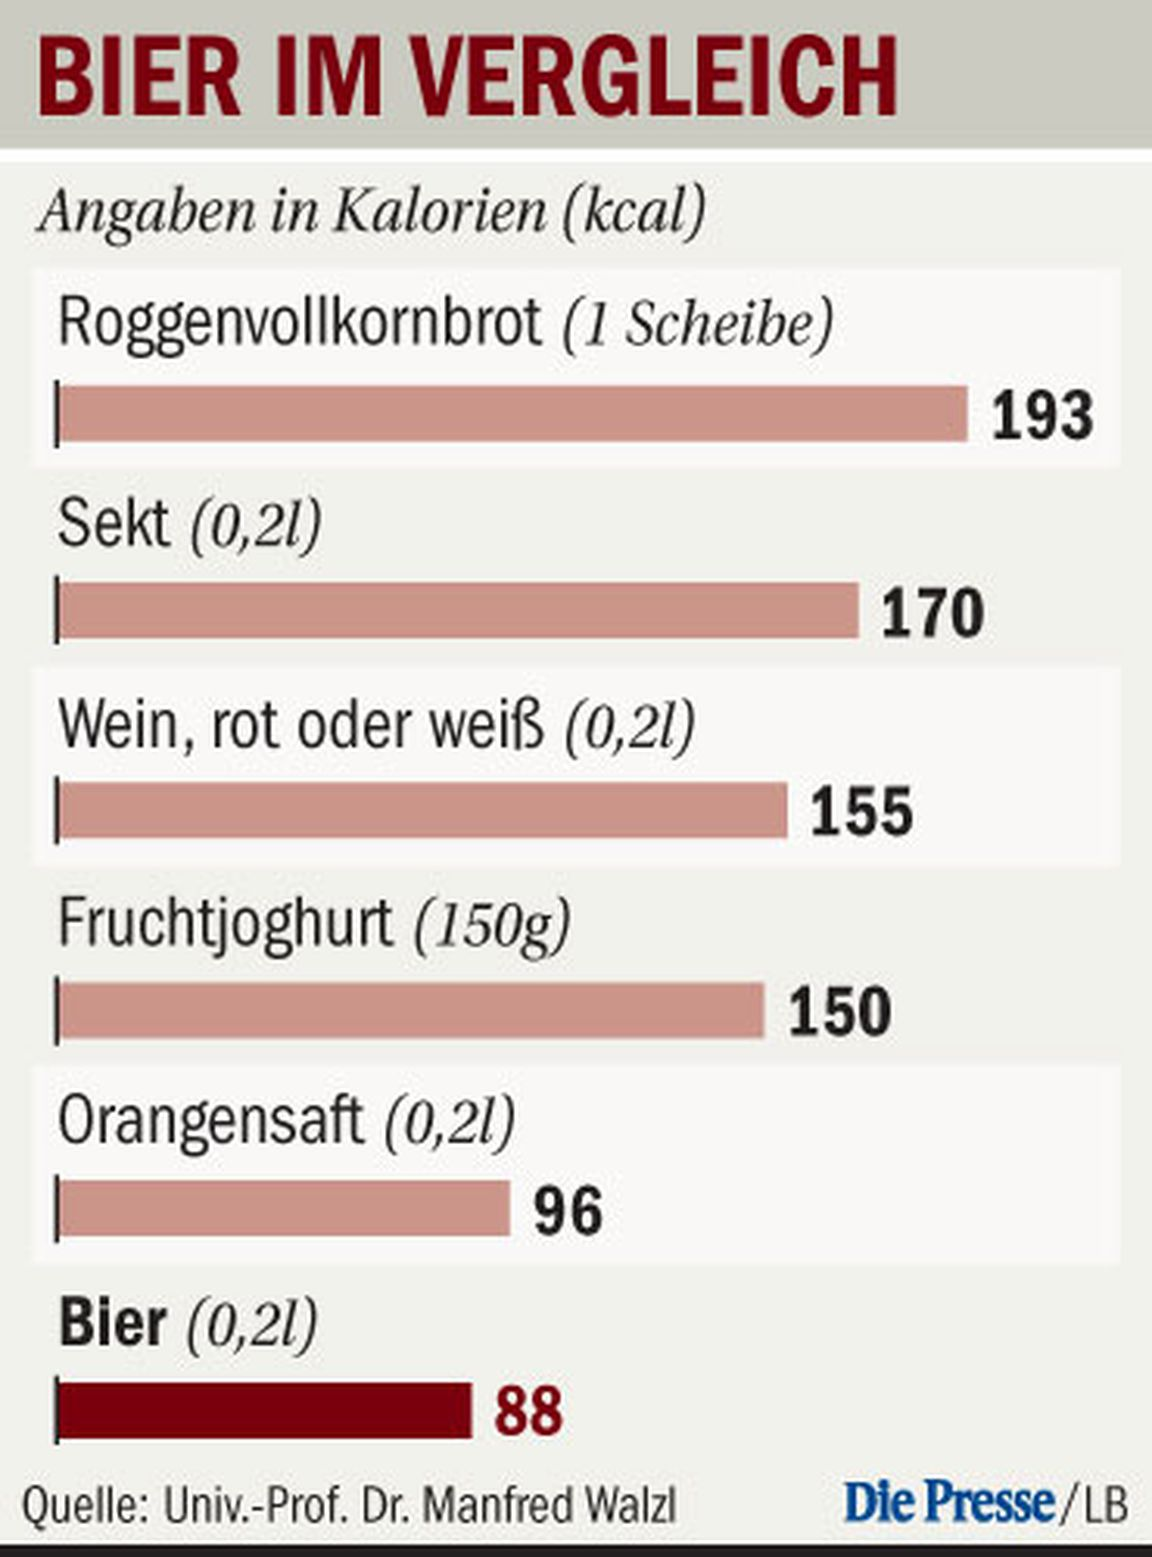 Ein Glas Bier: Positiv für Herz und Hirn « DiePresse.com